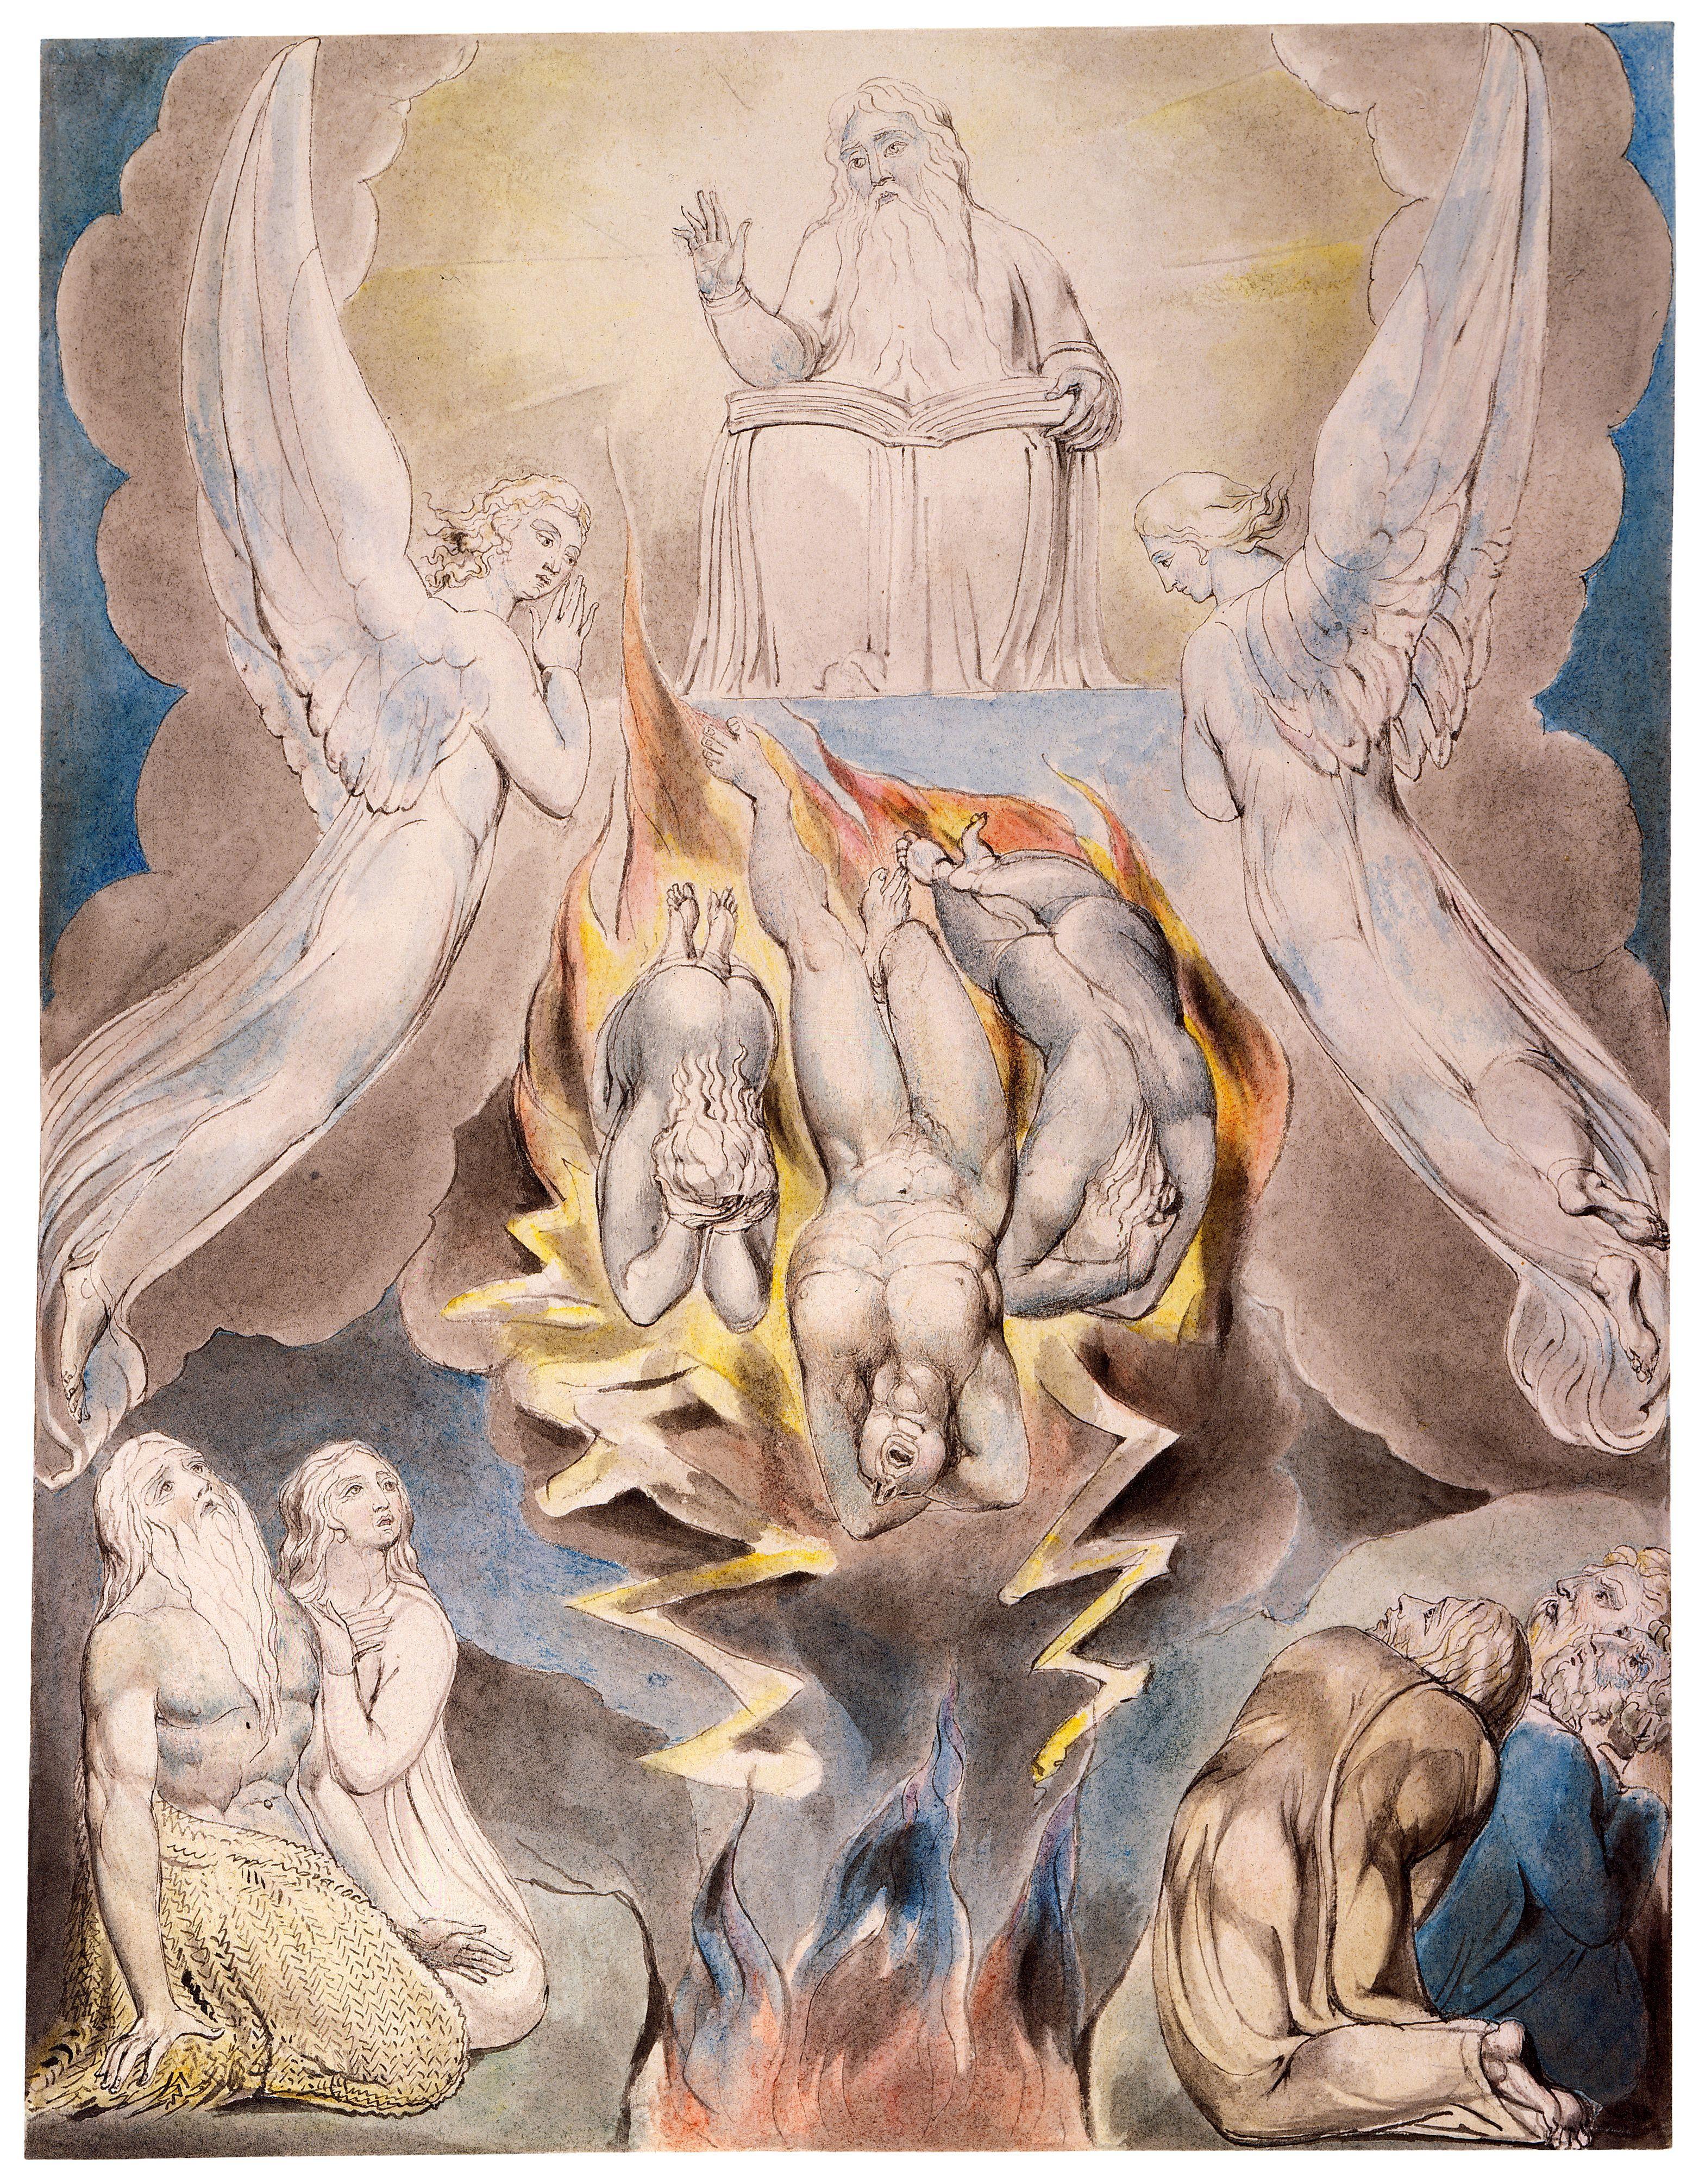 上图:英国诗人、画家威廉·布莱克(William Blake,1757-1827年)的版画《撒但的坠落 The Fall of Satan》,描绘「判断和刑罚抓住你」(伯三十六17)。